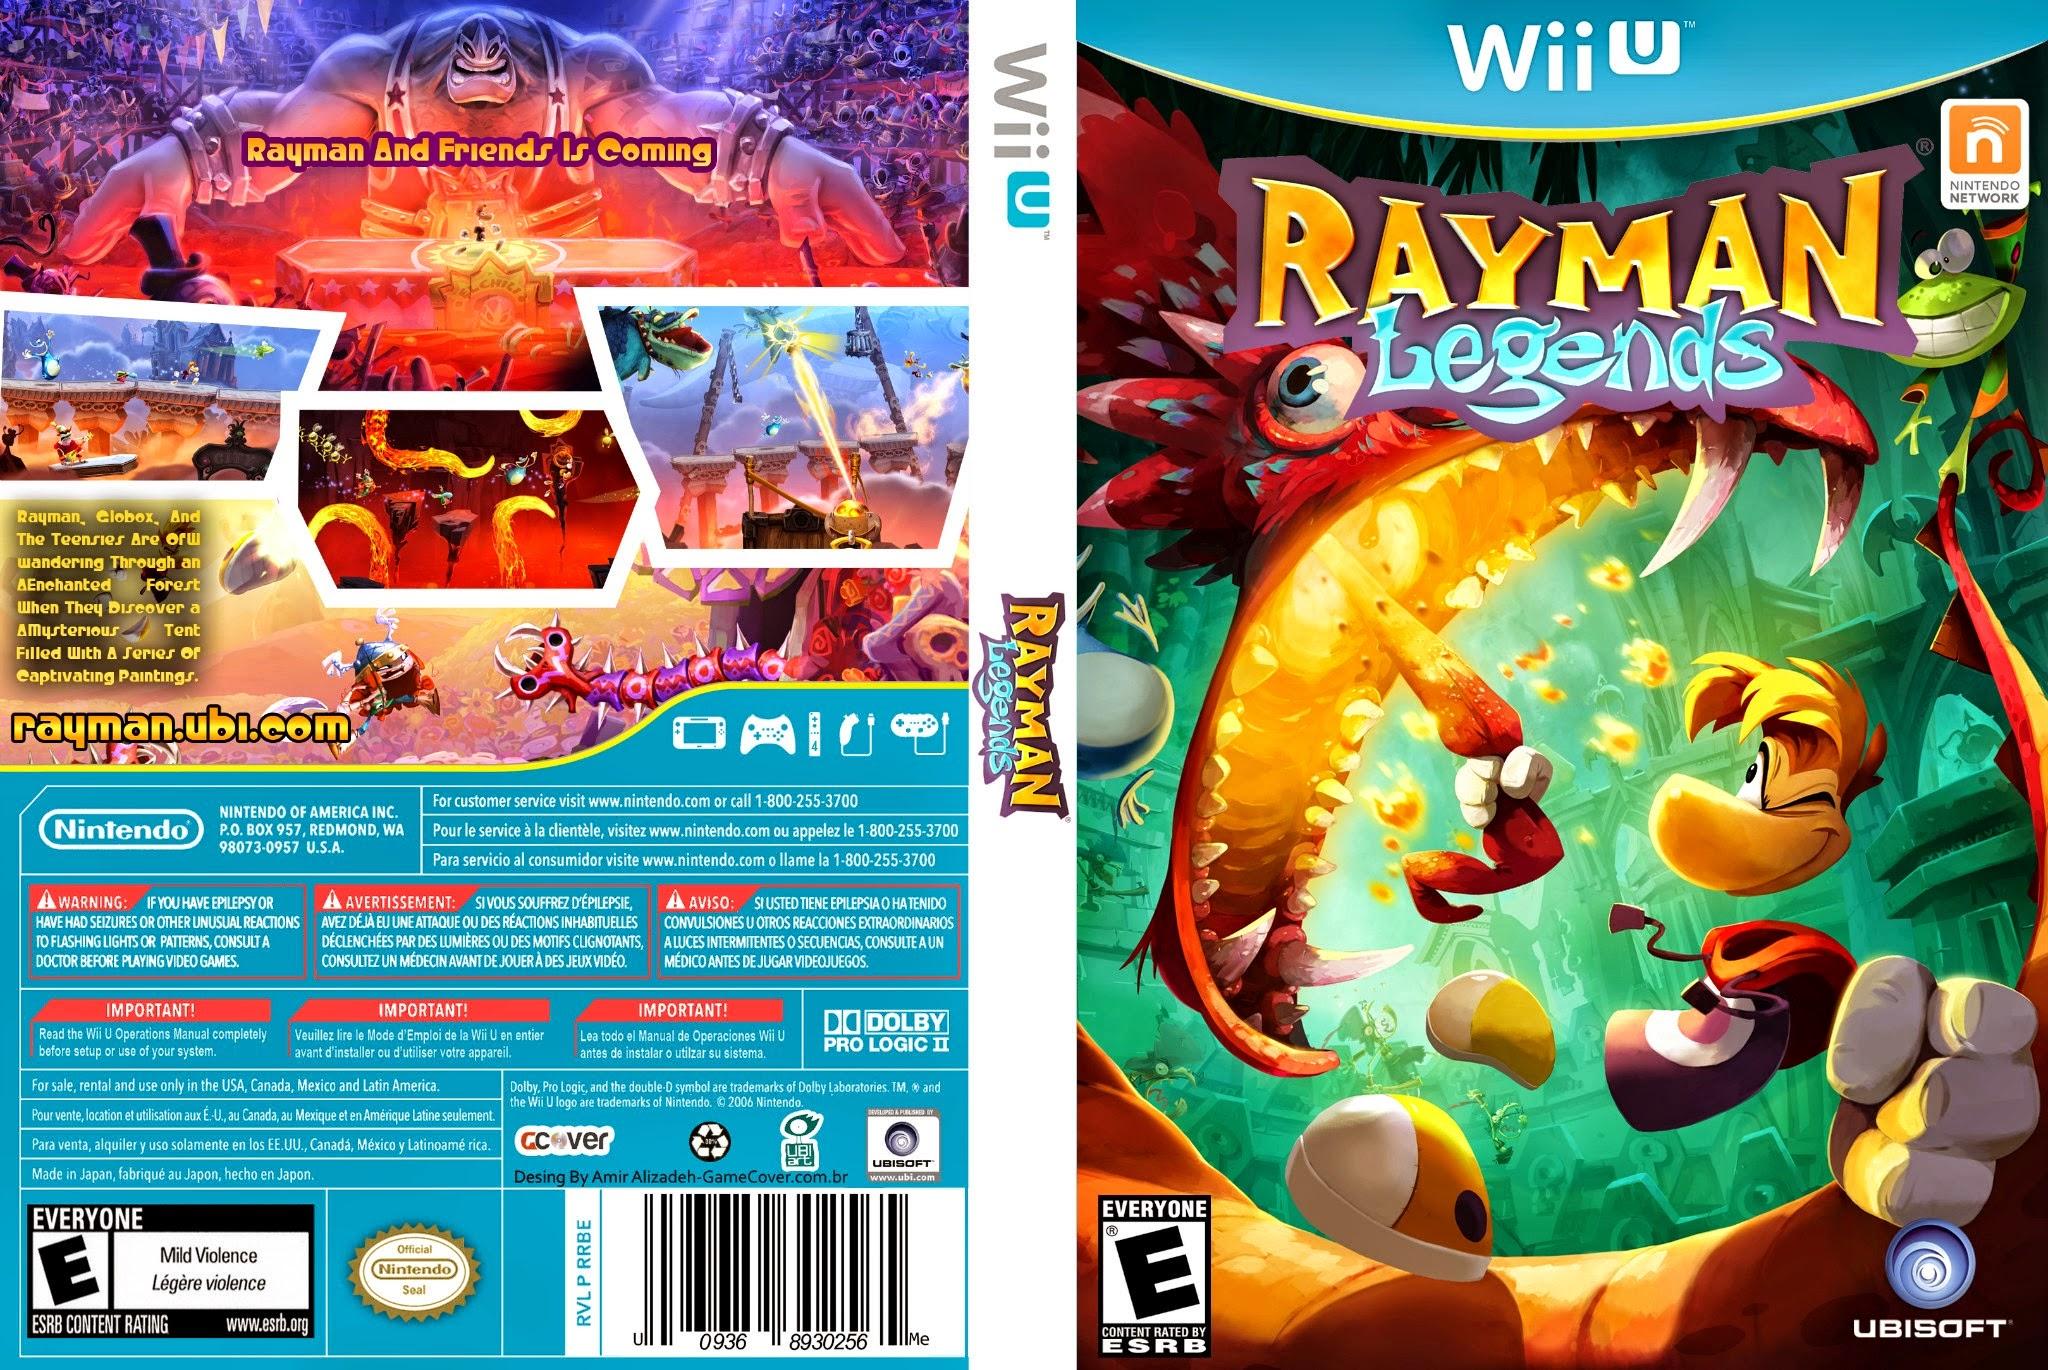 rayman legends wii u download